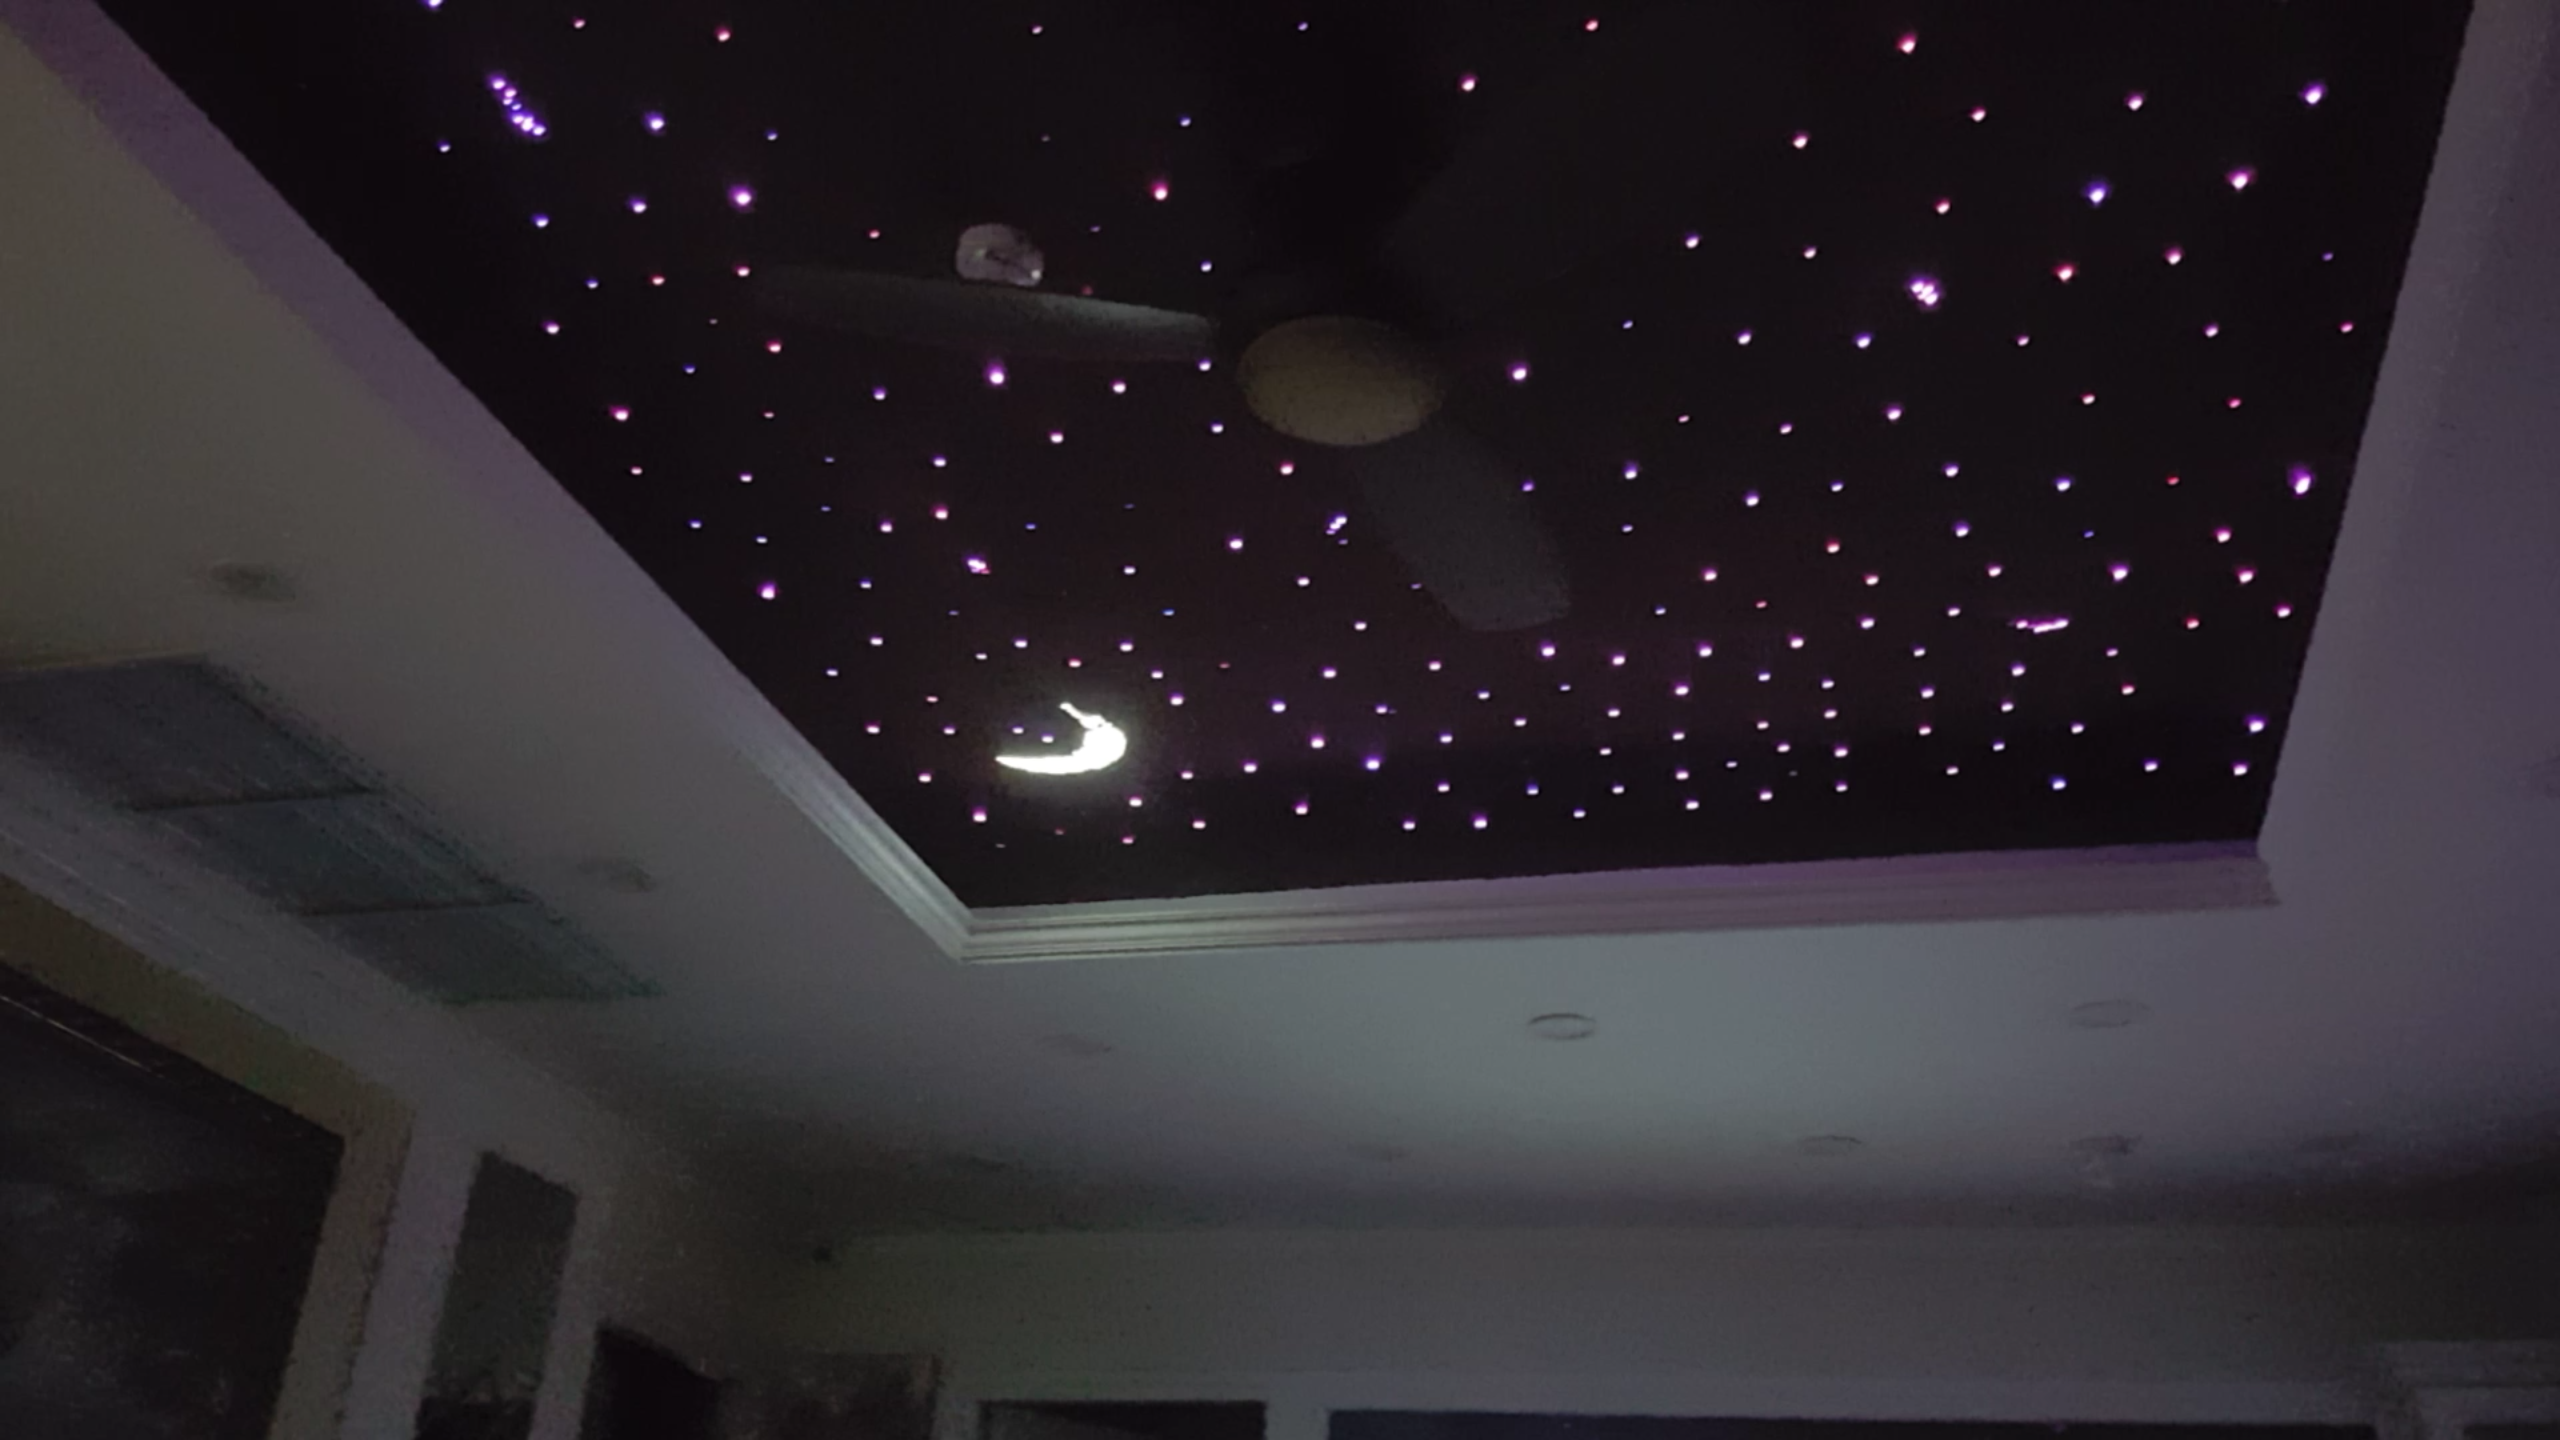 Hình ảnh trần sao nhân tạo | Phòng khách, Nhà